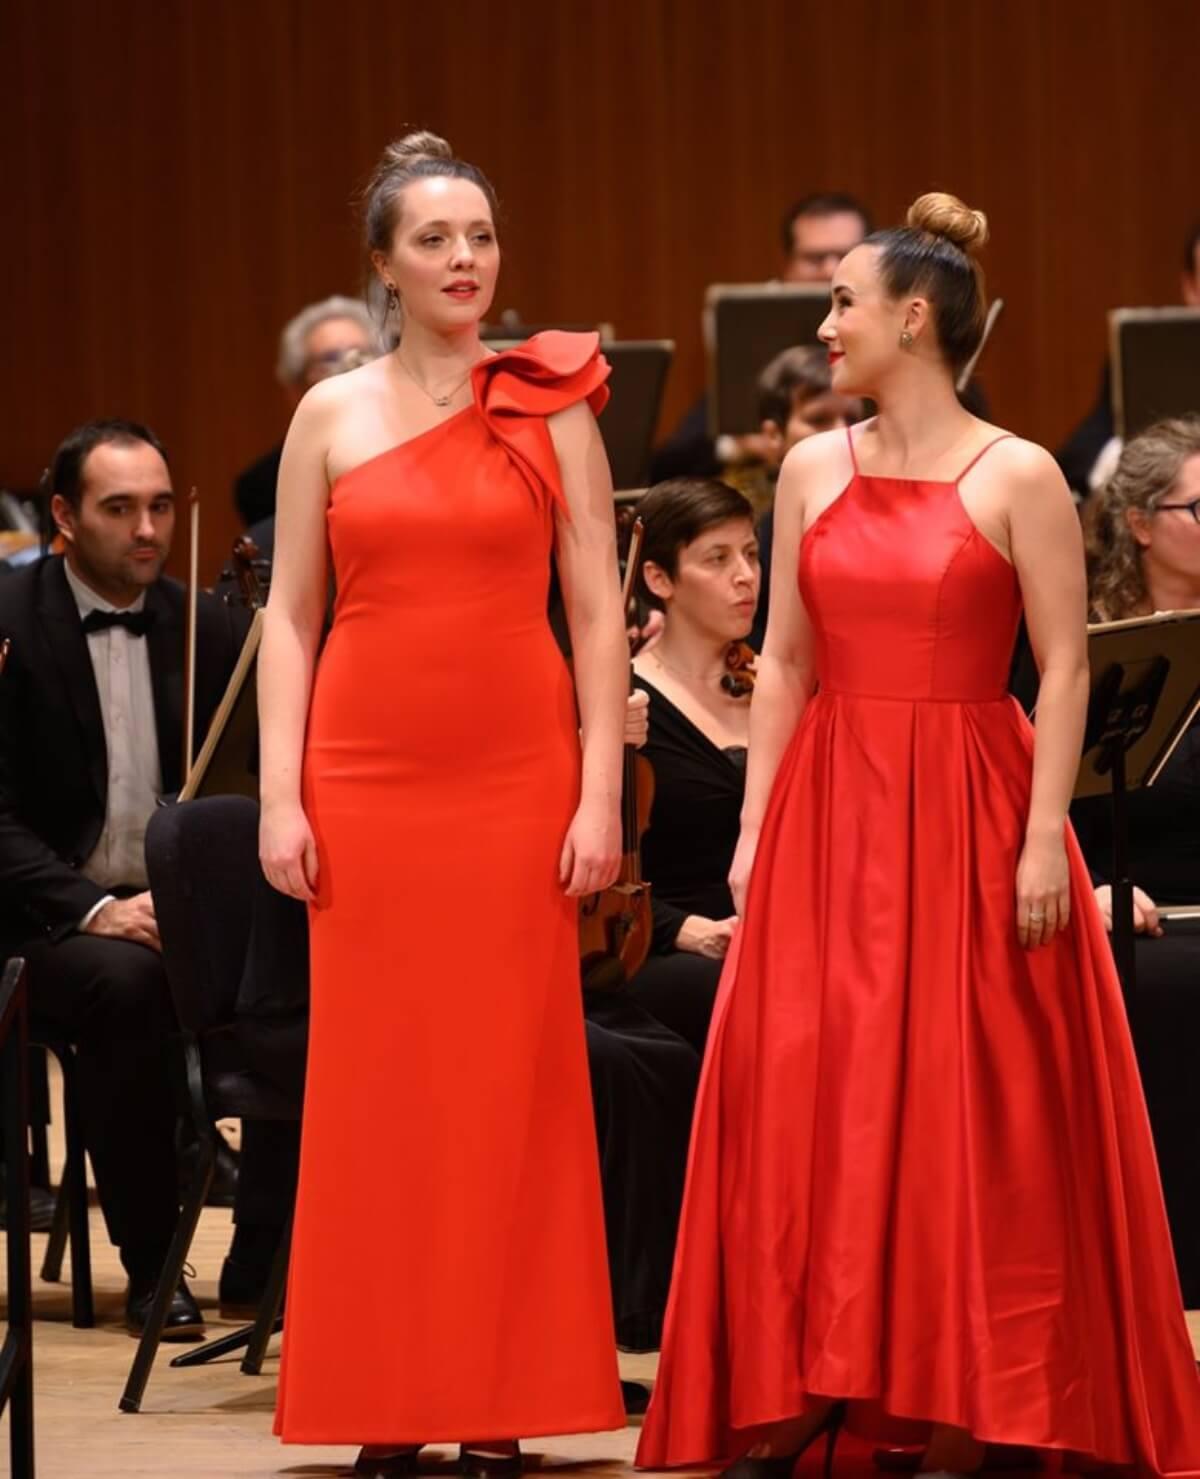 Emma Mansell et Andréa Nunez, 26e Gala des ambassadeurs lyriques (Photo : André Chevrier)